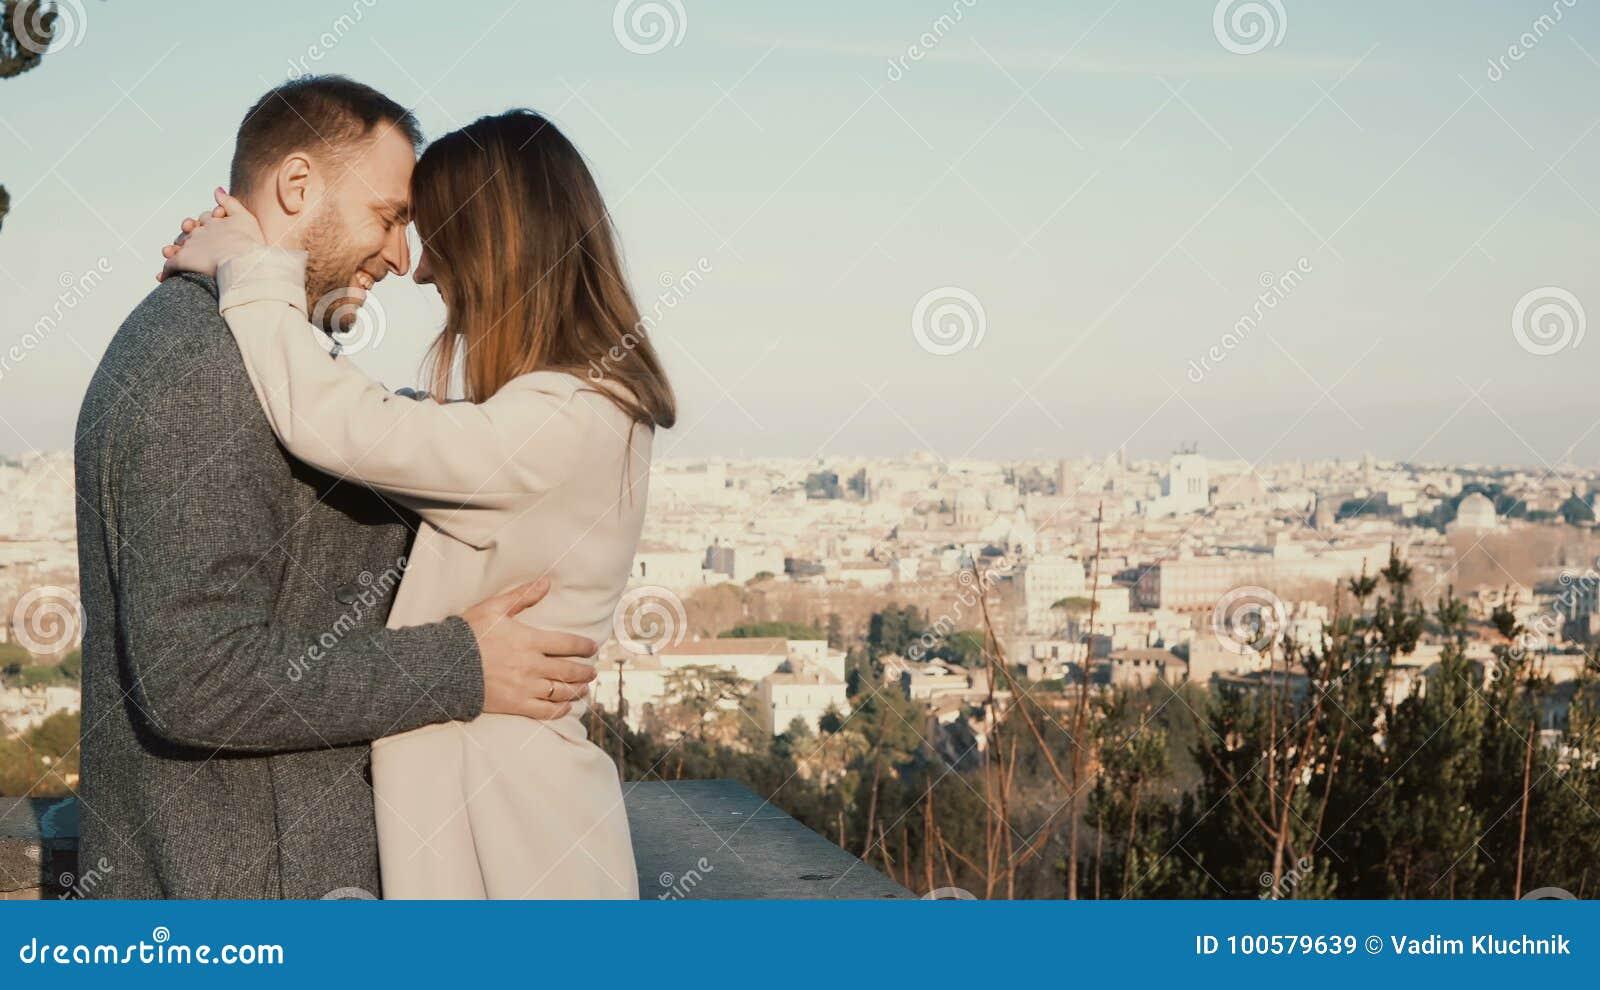 petaluma dating